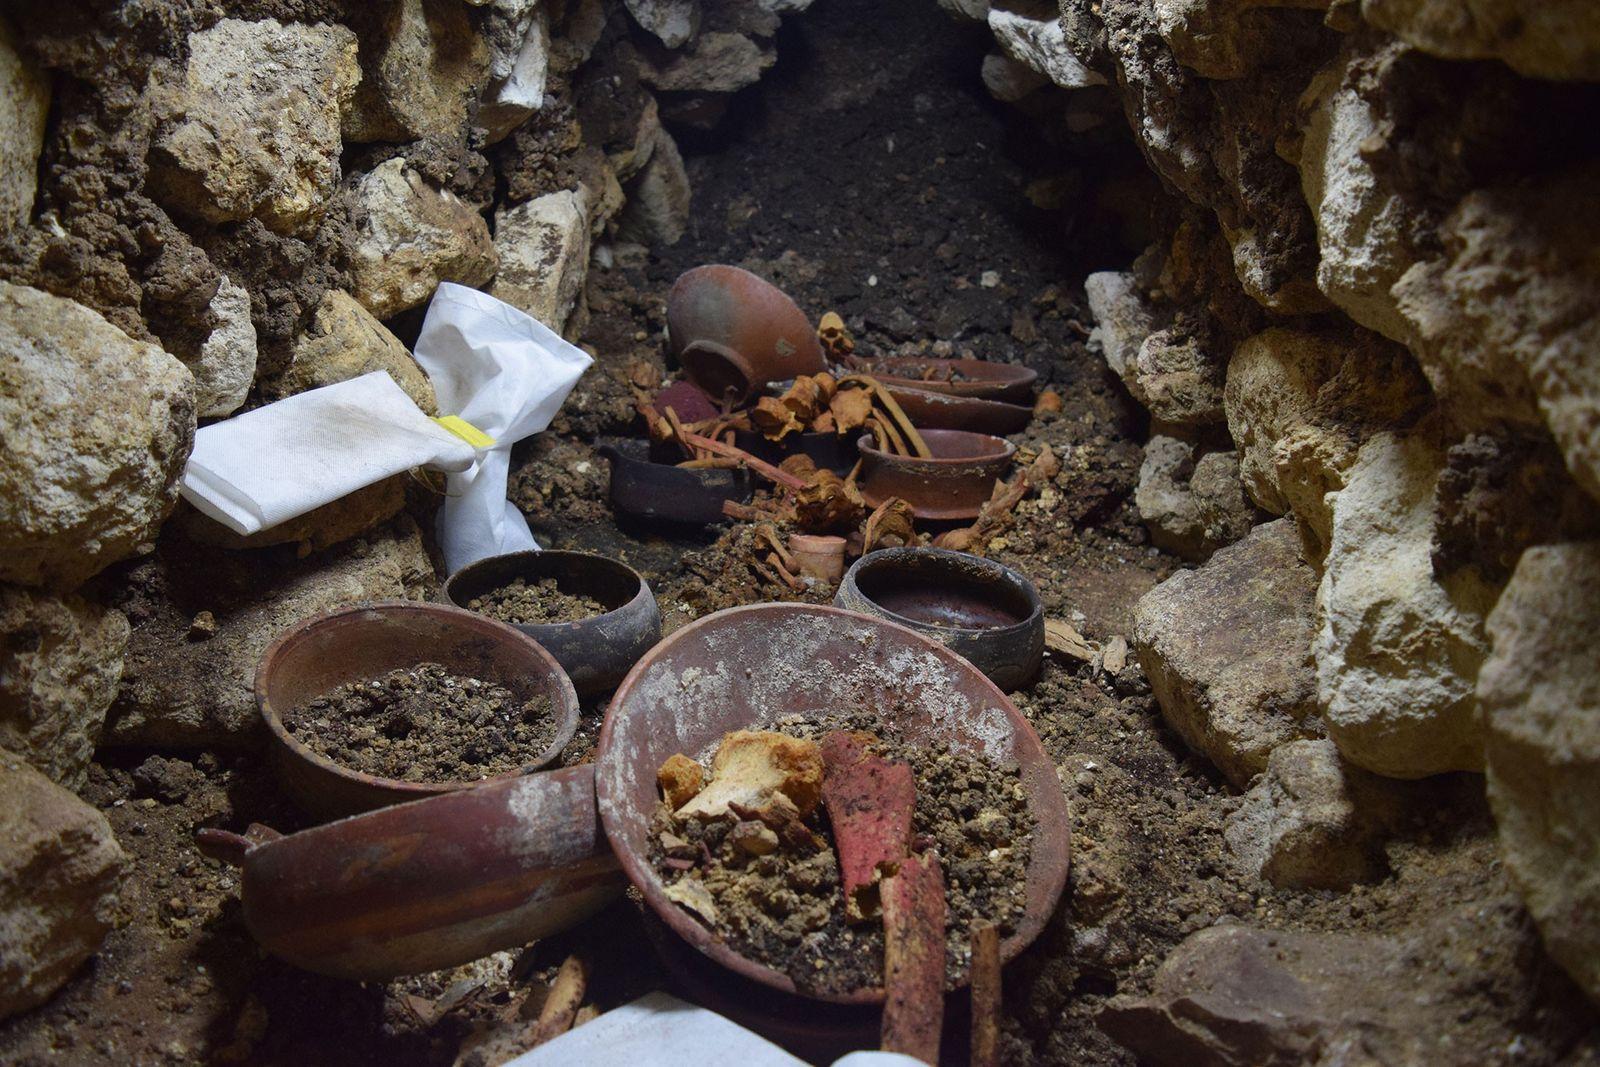 Guatemala : découverte de la dépouille d'un roi maya